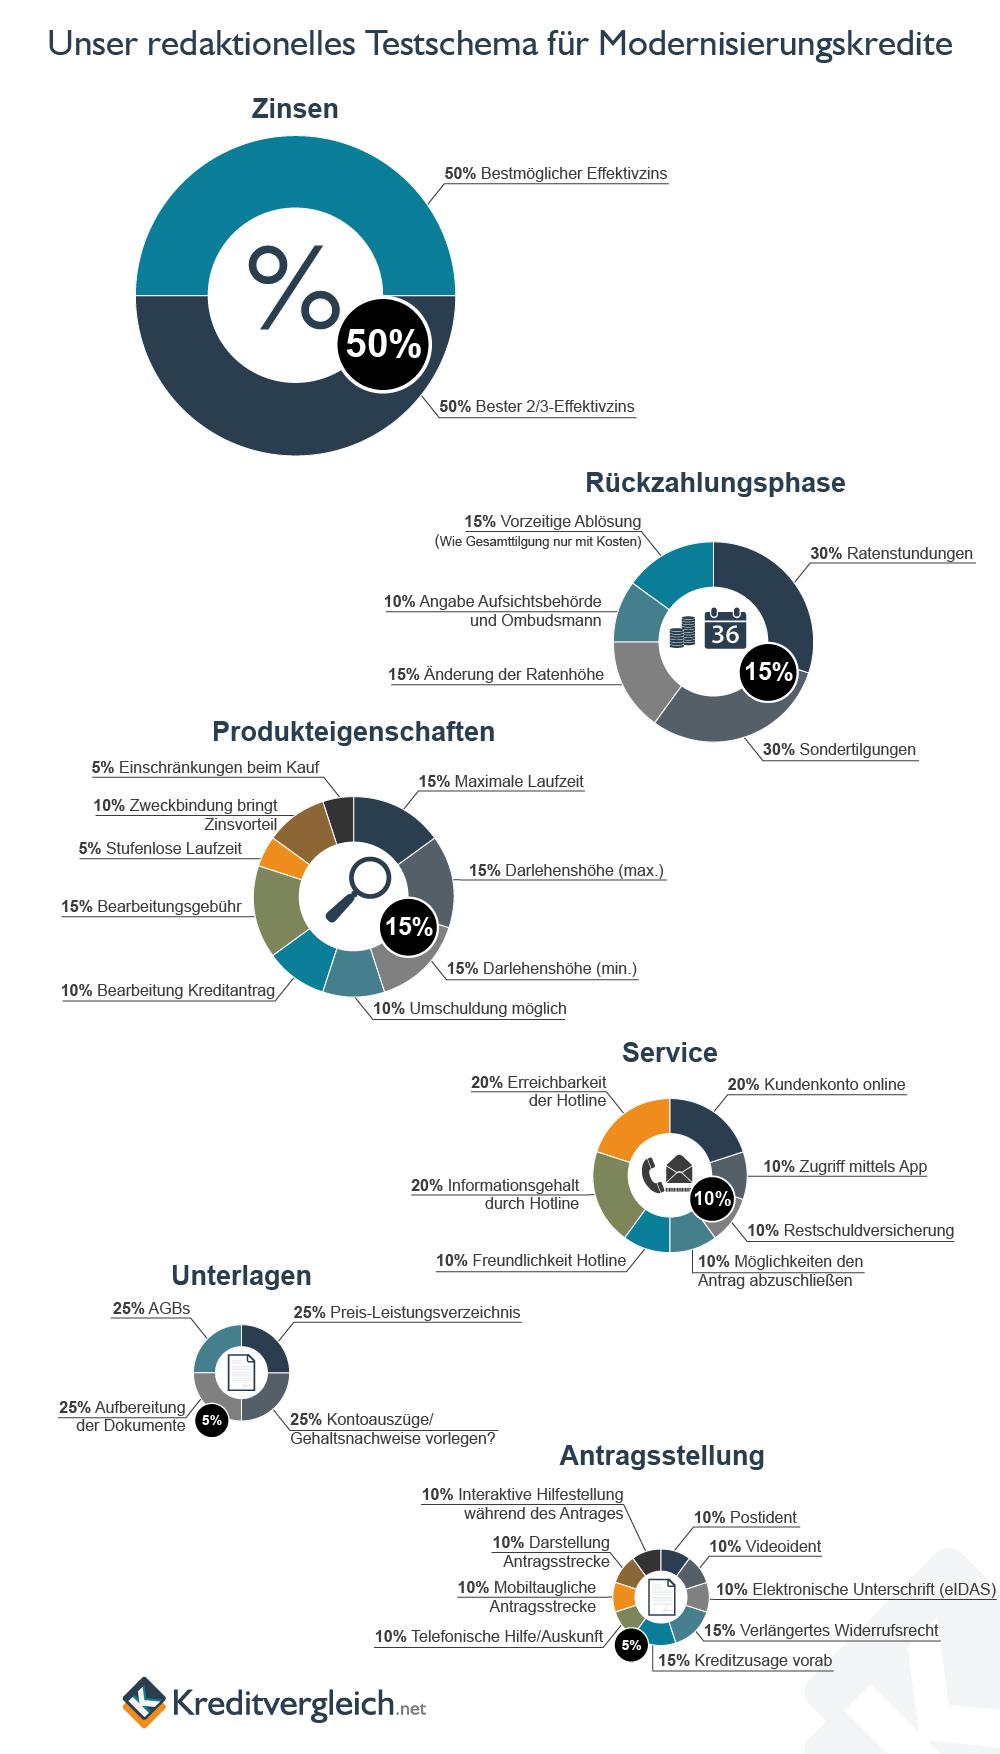 Eine Infografik mit Kreisdiagrammen über unser redaktionelles Testschema für Modernisierungskredite